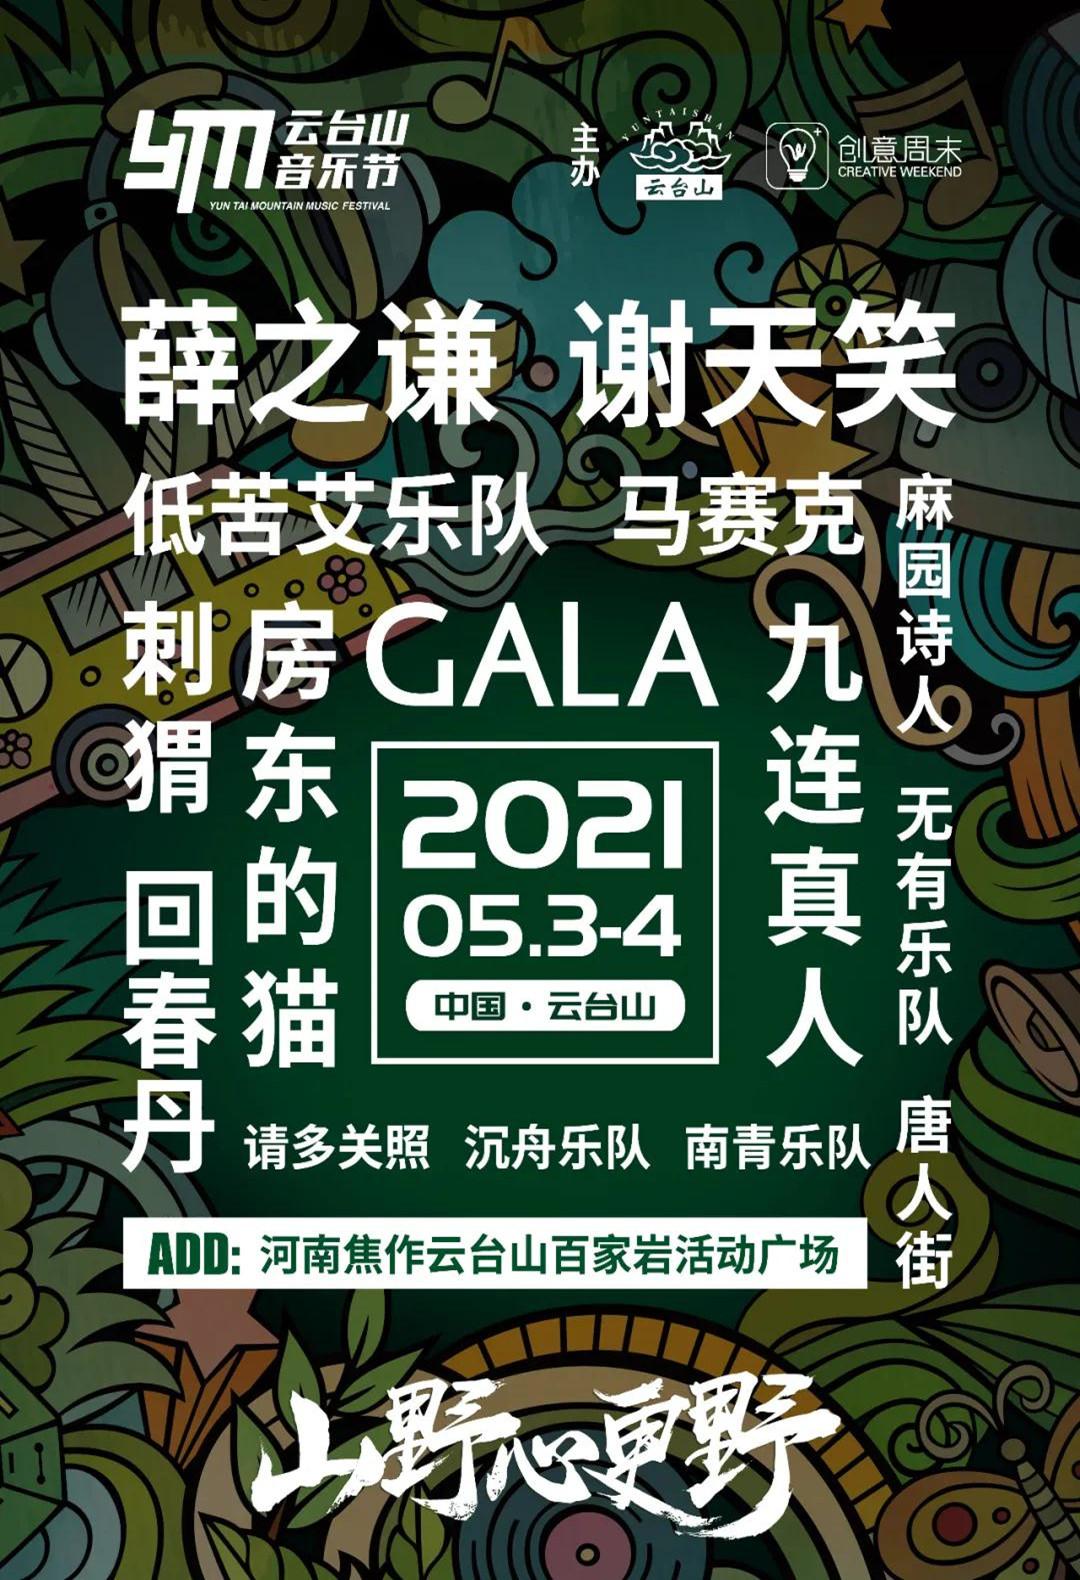 2021云台山音乐节几点开始?门票多少钱?